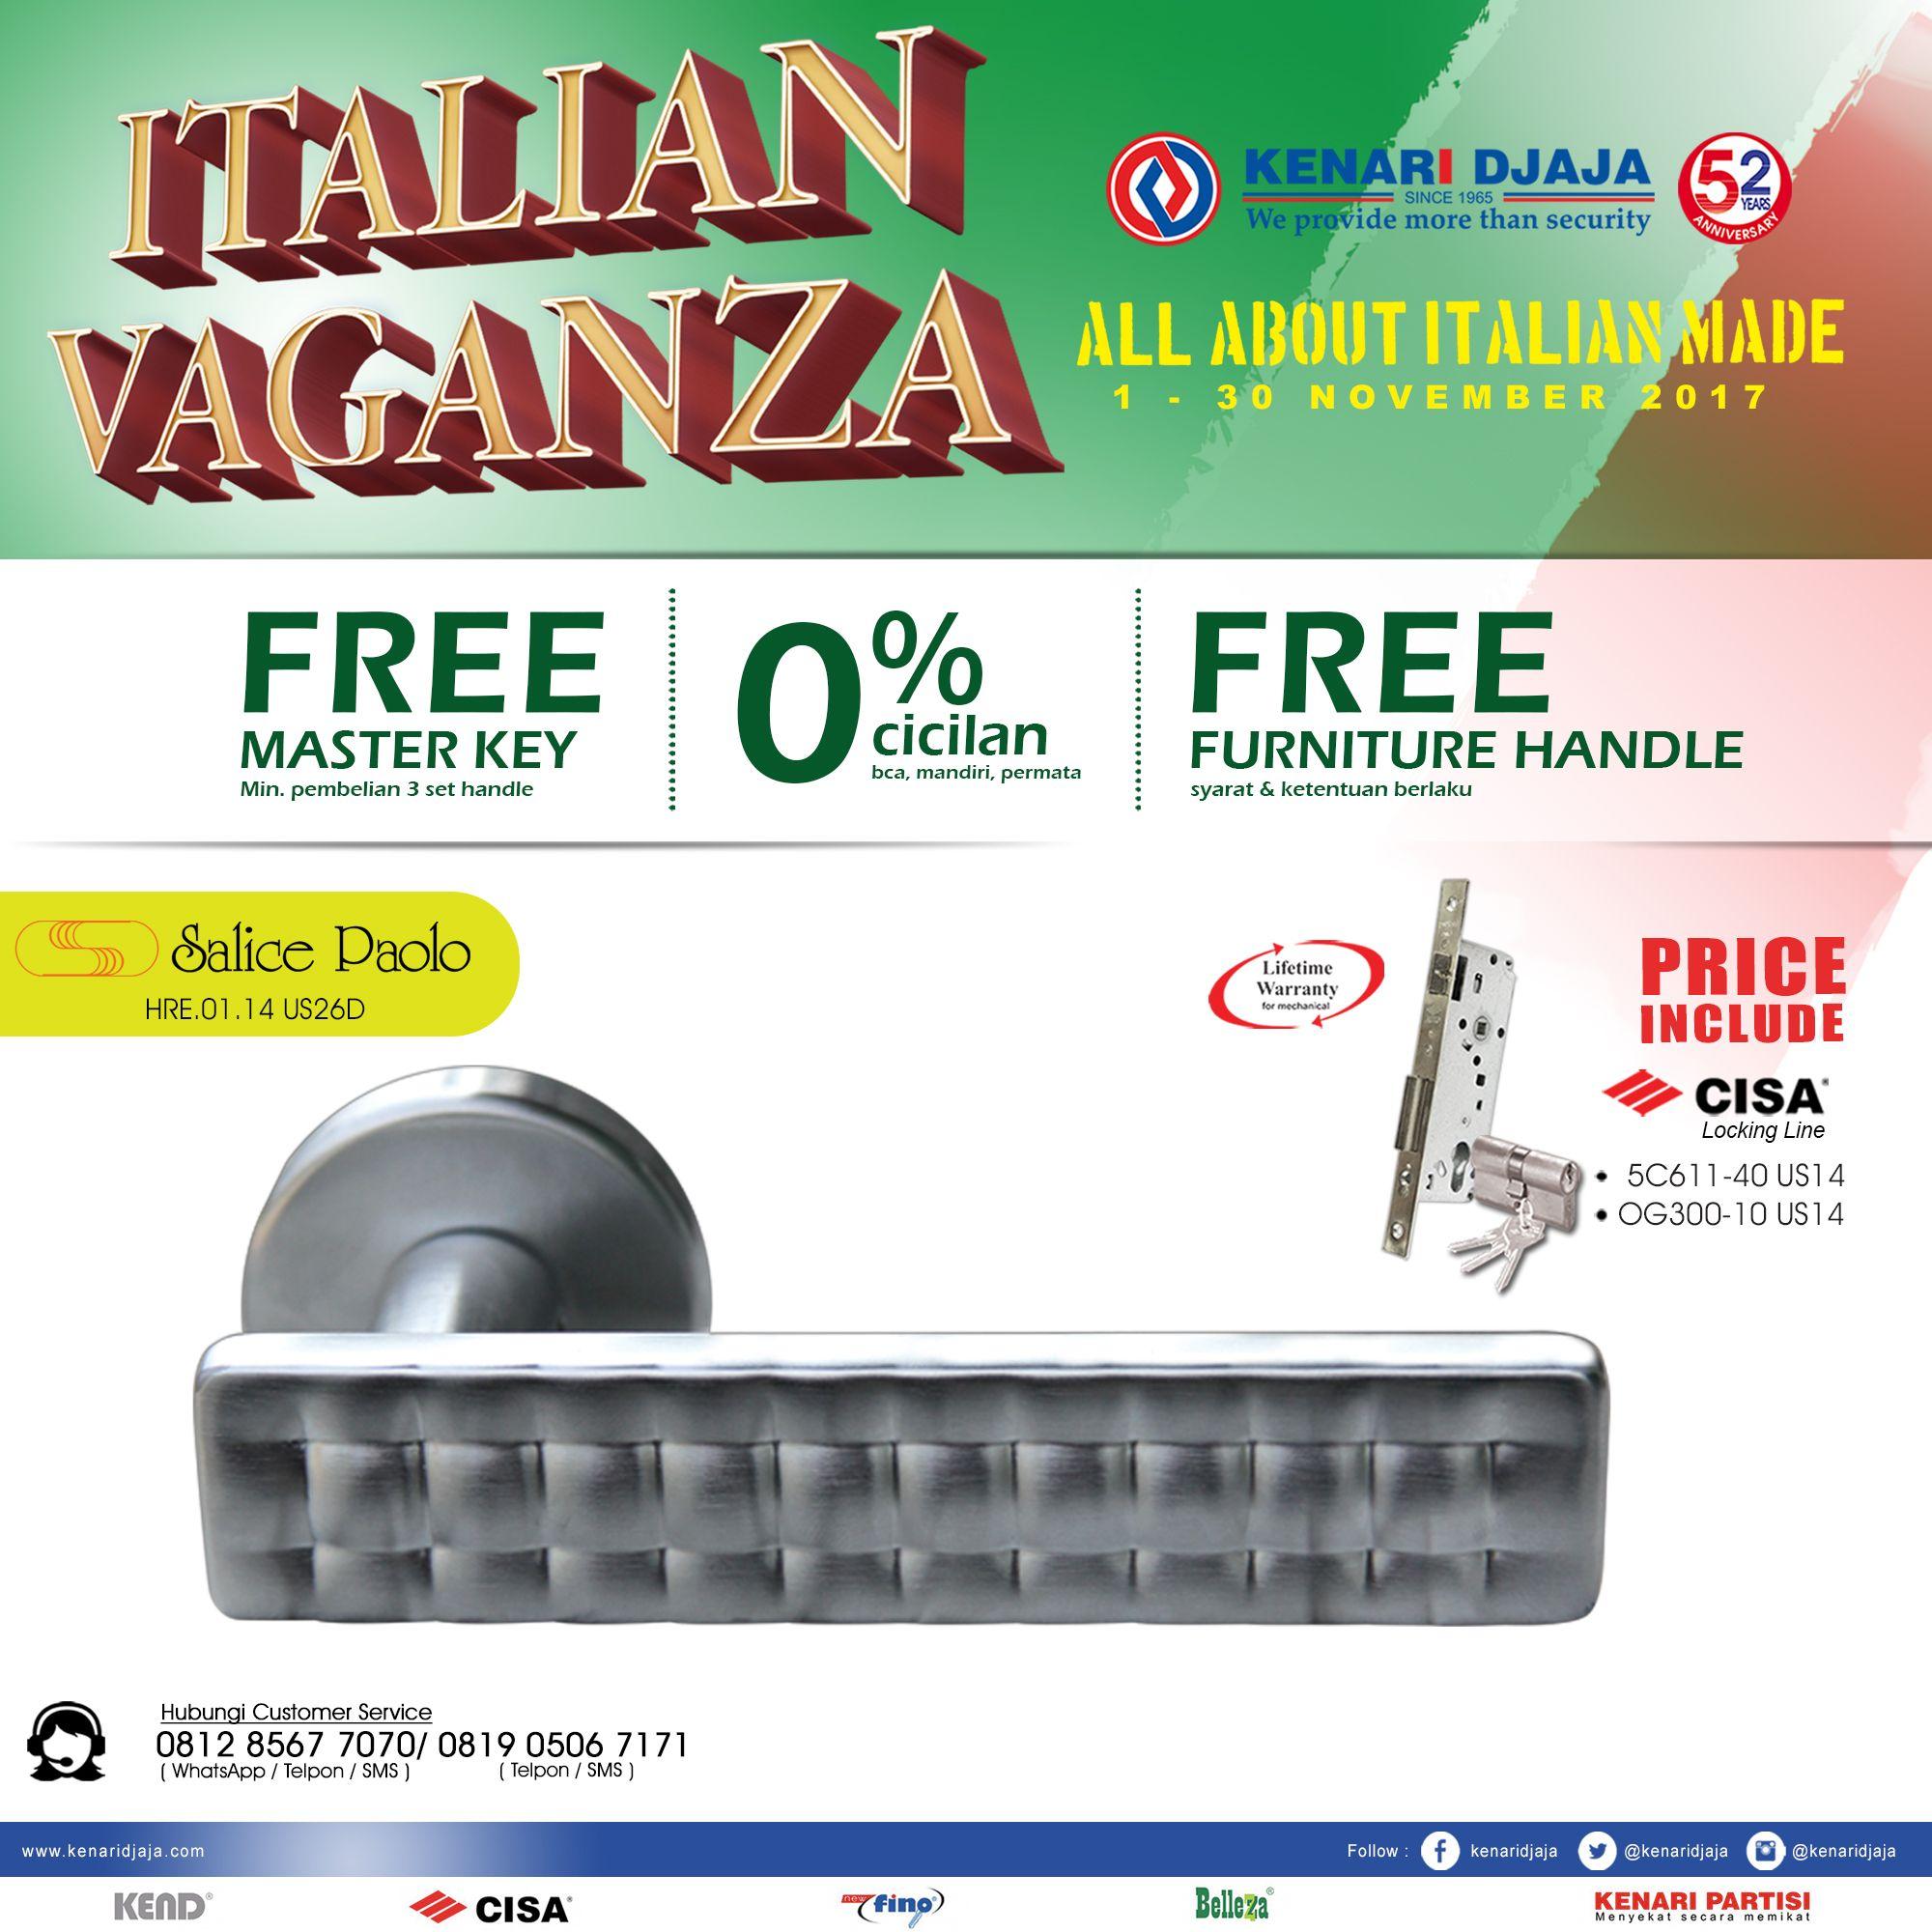 """Ayo Segera Dapatkan Paket Handle Set Dengan Harga Istimewa Di Kenari Djaja... Nikmati Promonya """"ITALIAN VAGANZA"""", Berlangsung Dari 01 - 30 Nopember 2017 ... Datang Dan Kunjungi Showroom Terdekat Kami  Informasi Hub. : Ibu Tika 0812 8567 7070 ( WA / Telpon / SMS ) 0819 0506 7171 ( Telpon / SMS )  Email : digitalmarketing@kenaridjaja.co.id  [ K E N A R I D J A J A ] PELOPOR PERLENGKAPAN PINTU DAN JENDELA SEJAK TAHUN 1965"""